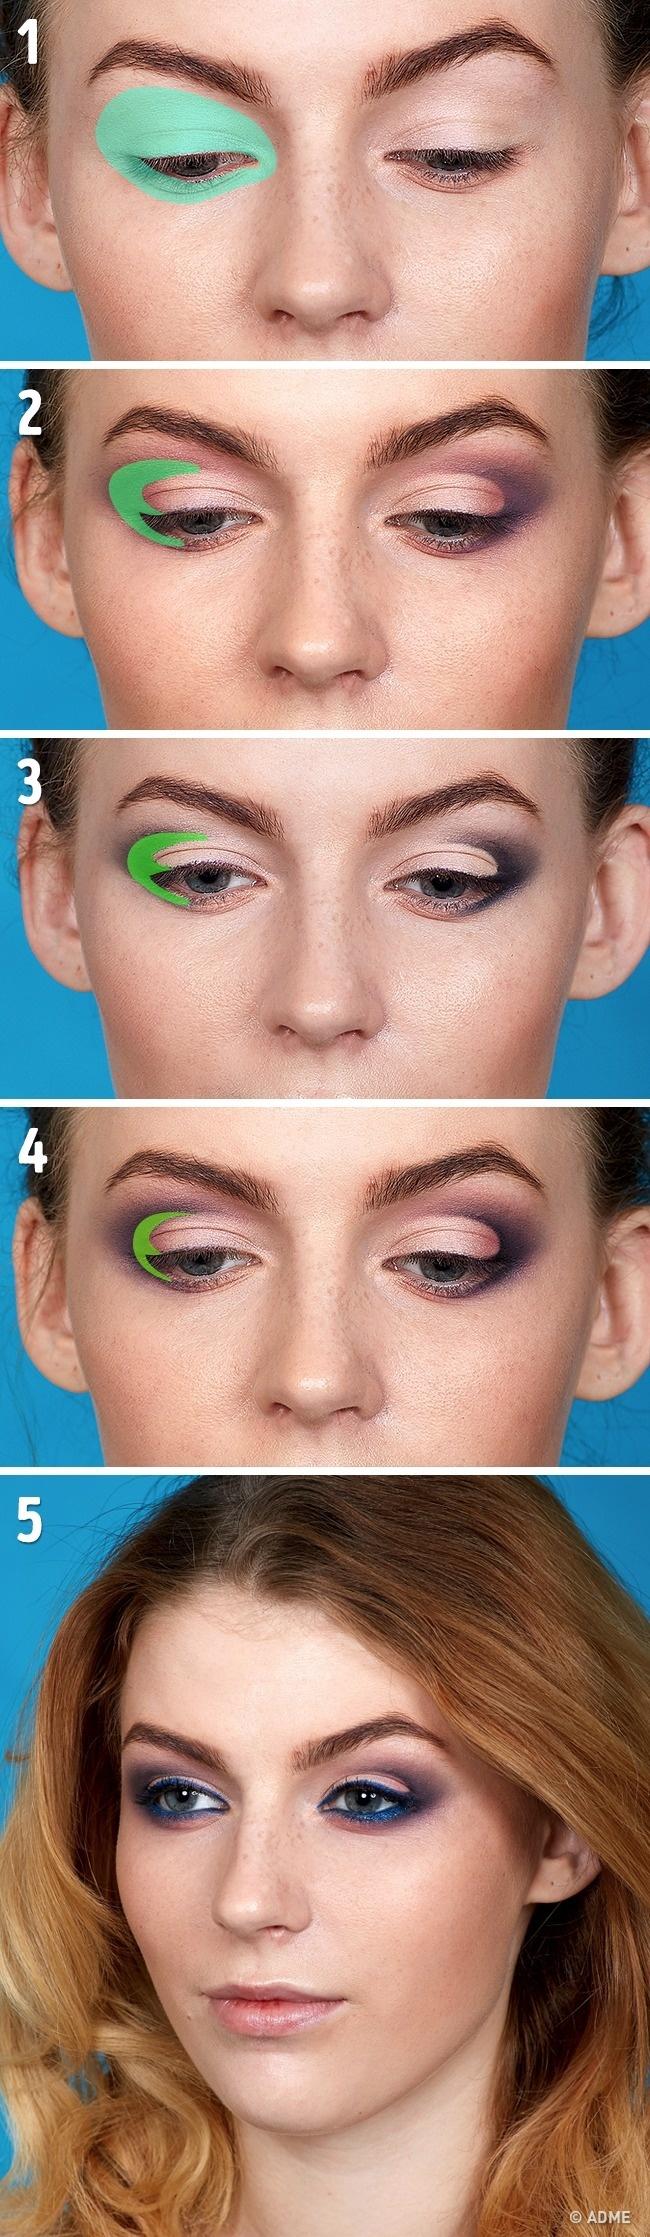 Спомощью карандашной техники можно визуально скорректировать форму абсолютно любых глаз. Исходя из